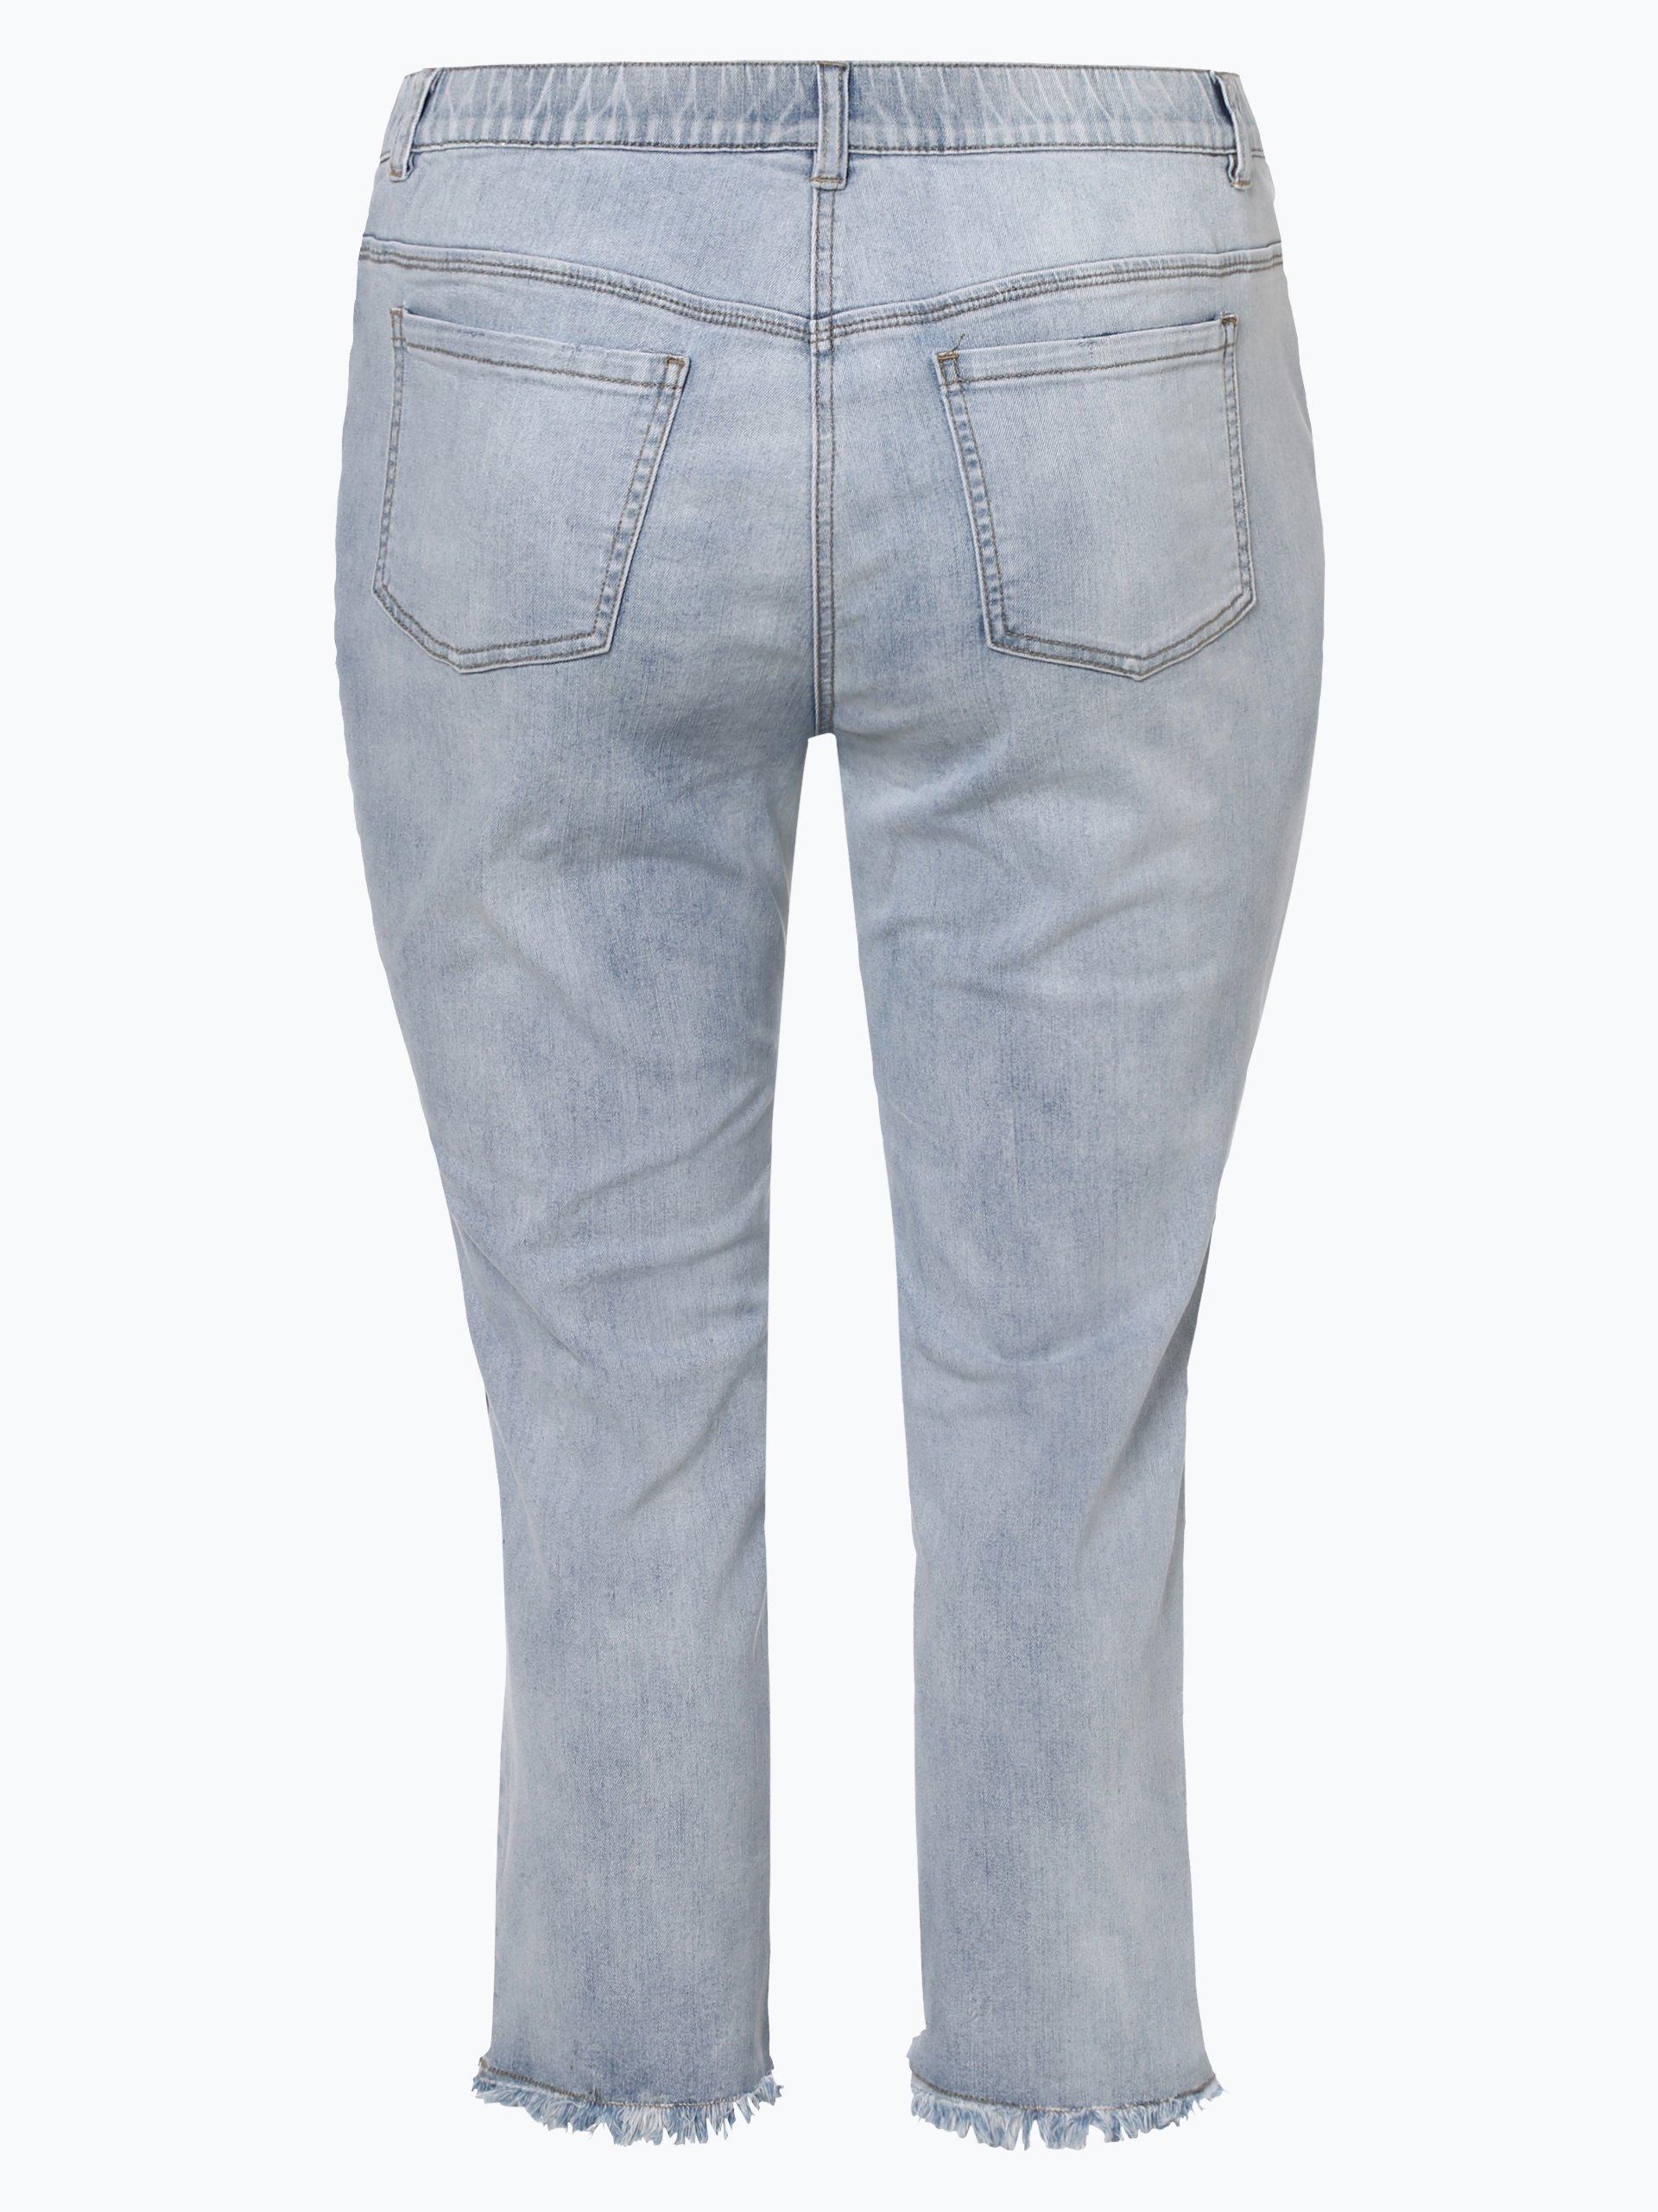 Samoon Damen Jeans